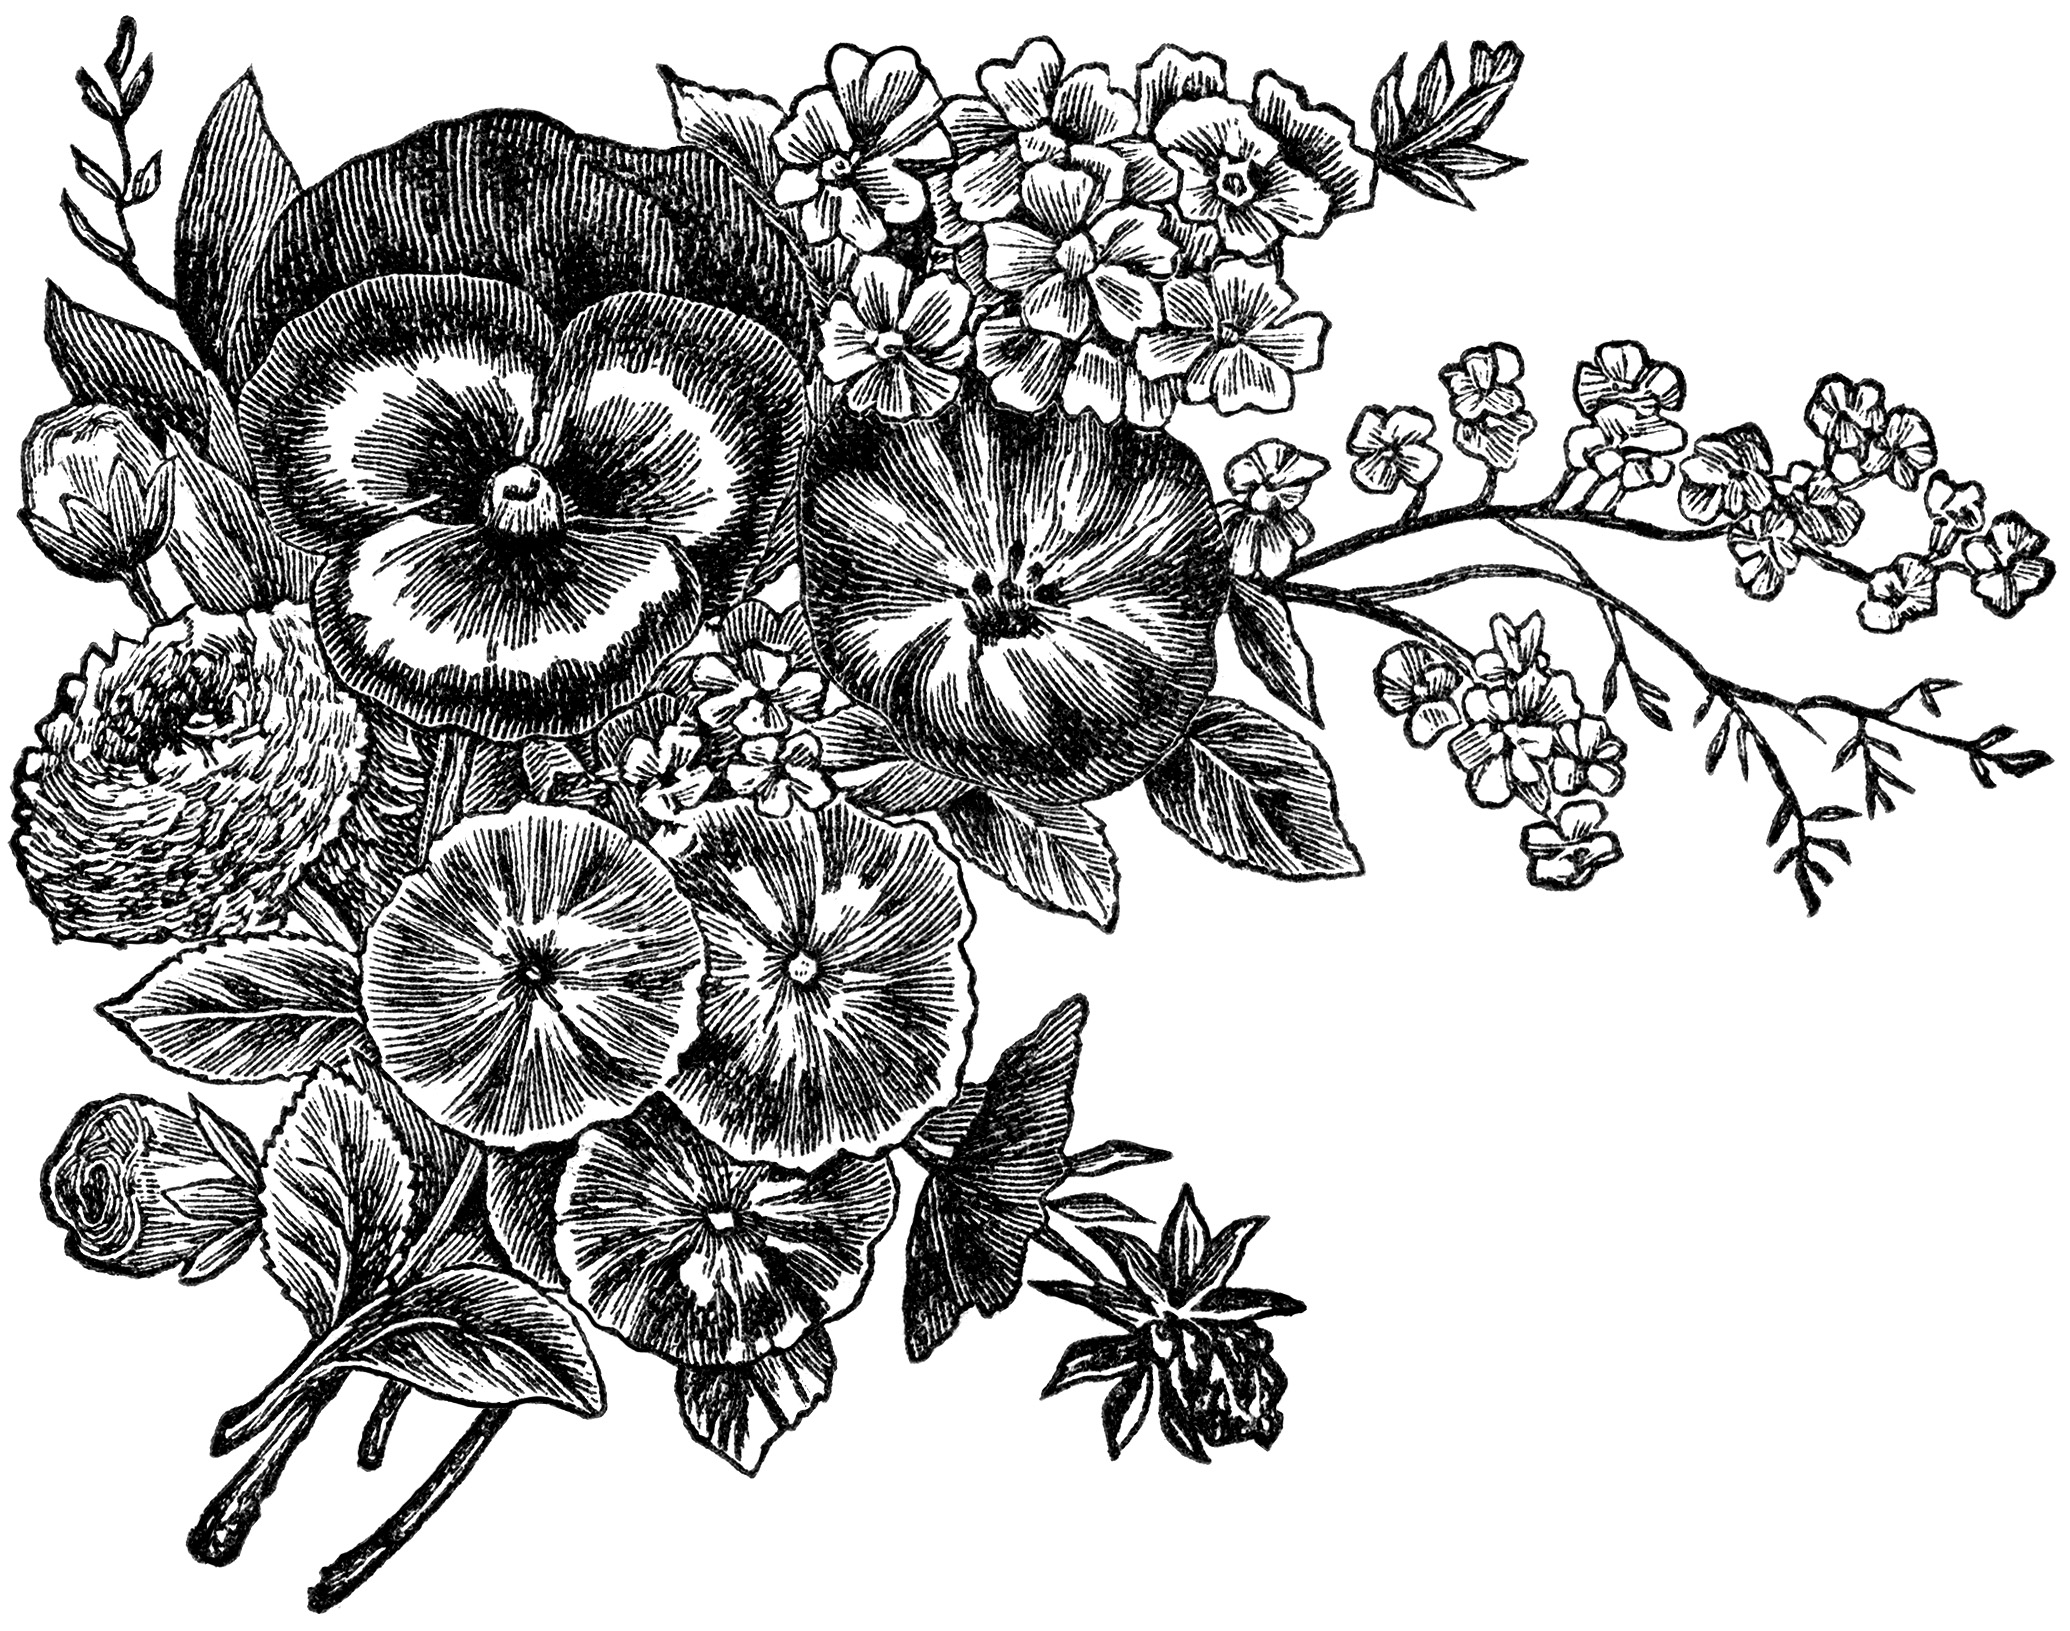 Открытки с графикой черно-белой 38